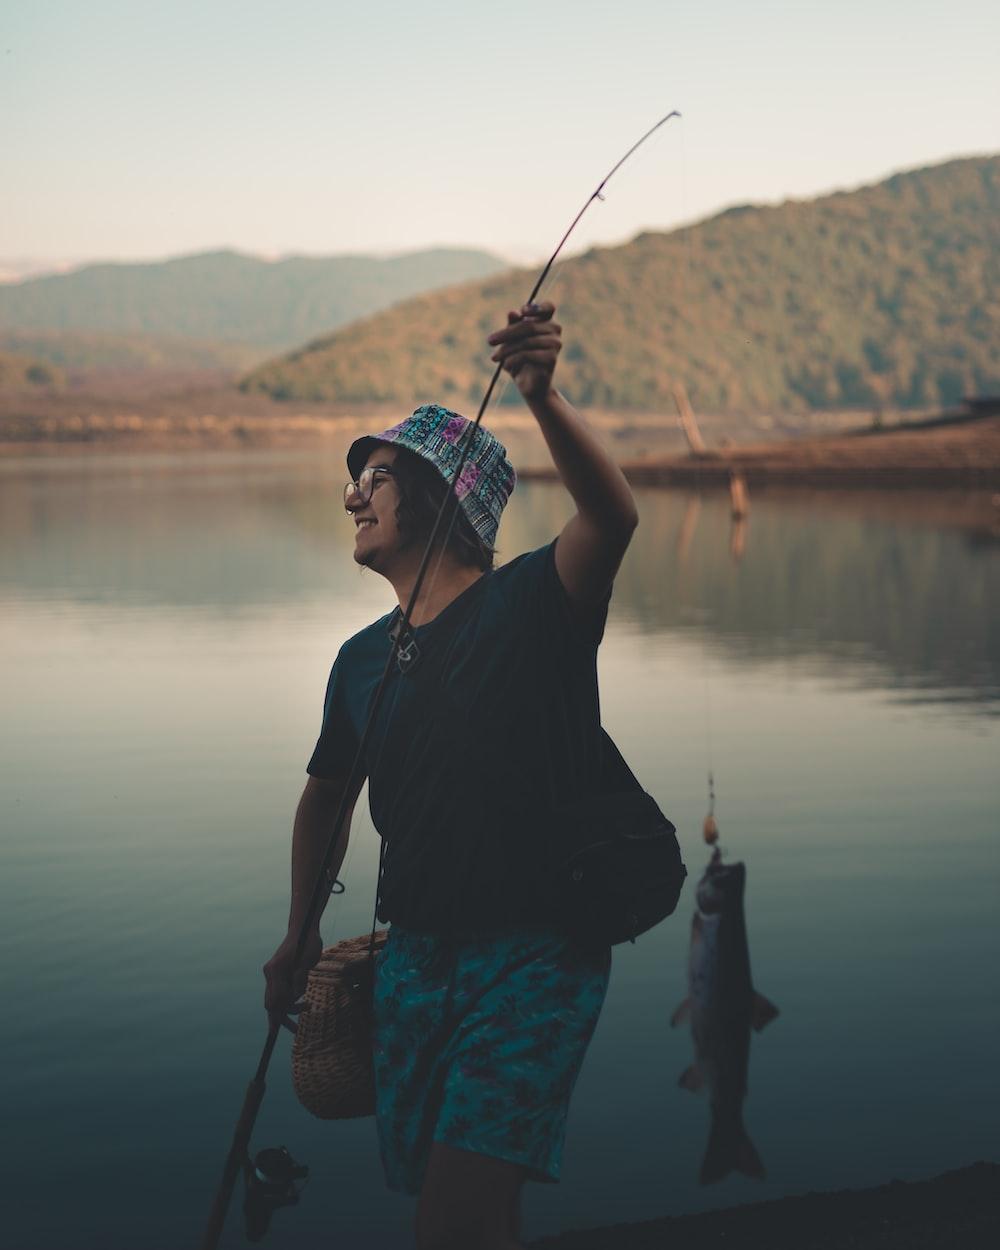 man wearing black shirt holding fishing rod while standing near lake